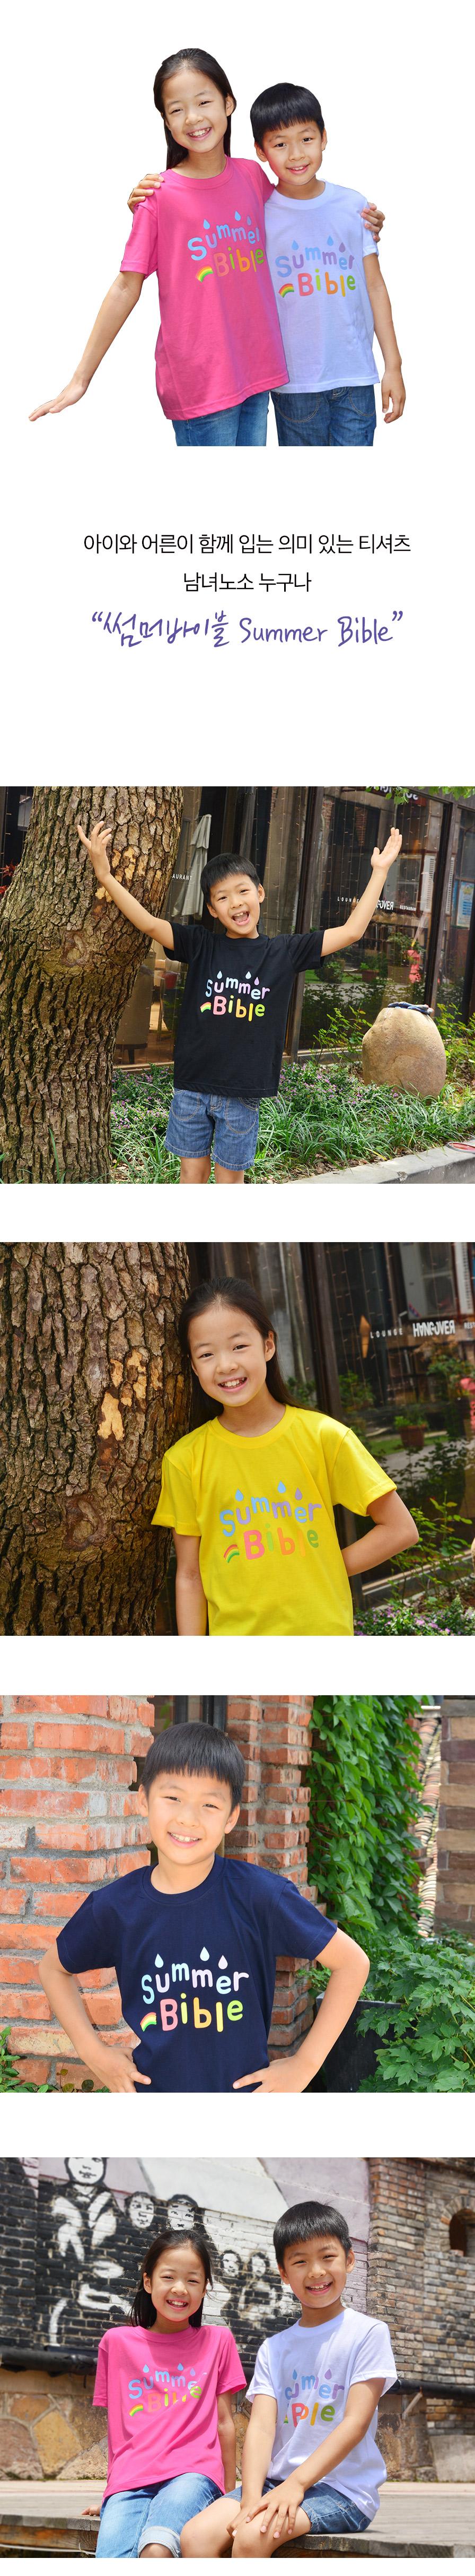 아이와 어른이 함께 입는 의미있는 티셔츠 Summer Bible 썸머바이블